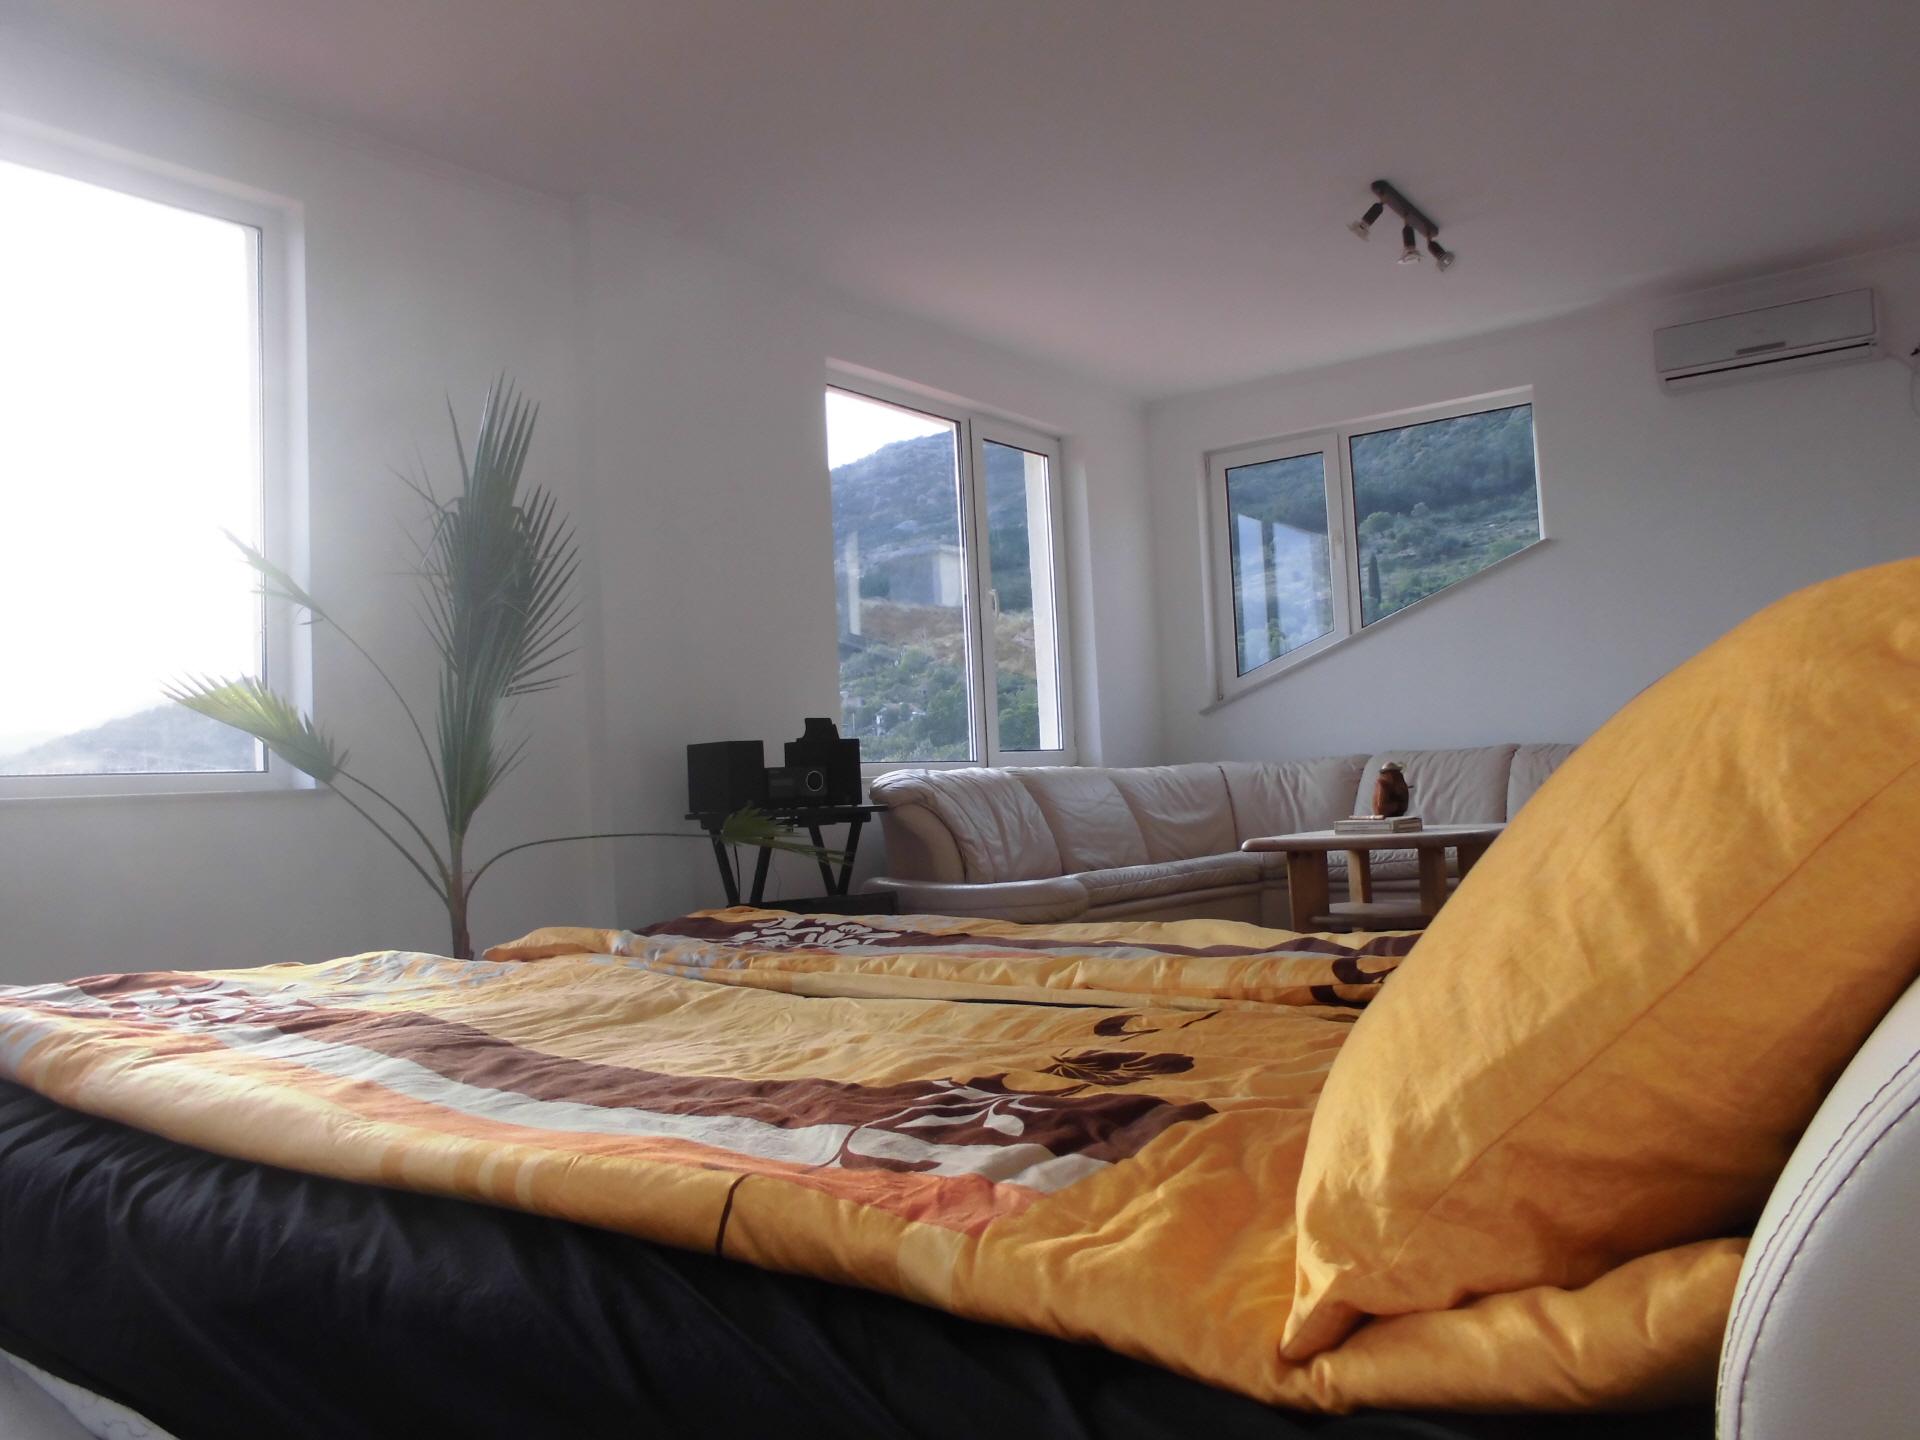 Full Size of Klimatisierung Und Beheizung Schlafzimmer Set Regal Für Kleidung Stehlampe Stuhl Moderne Bilder Fürs Wohnzimmer Gardinen Komplett Poco Kopfteile Betten Schlafzimmer Klimagerät Für Schlafzimmer